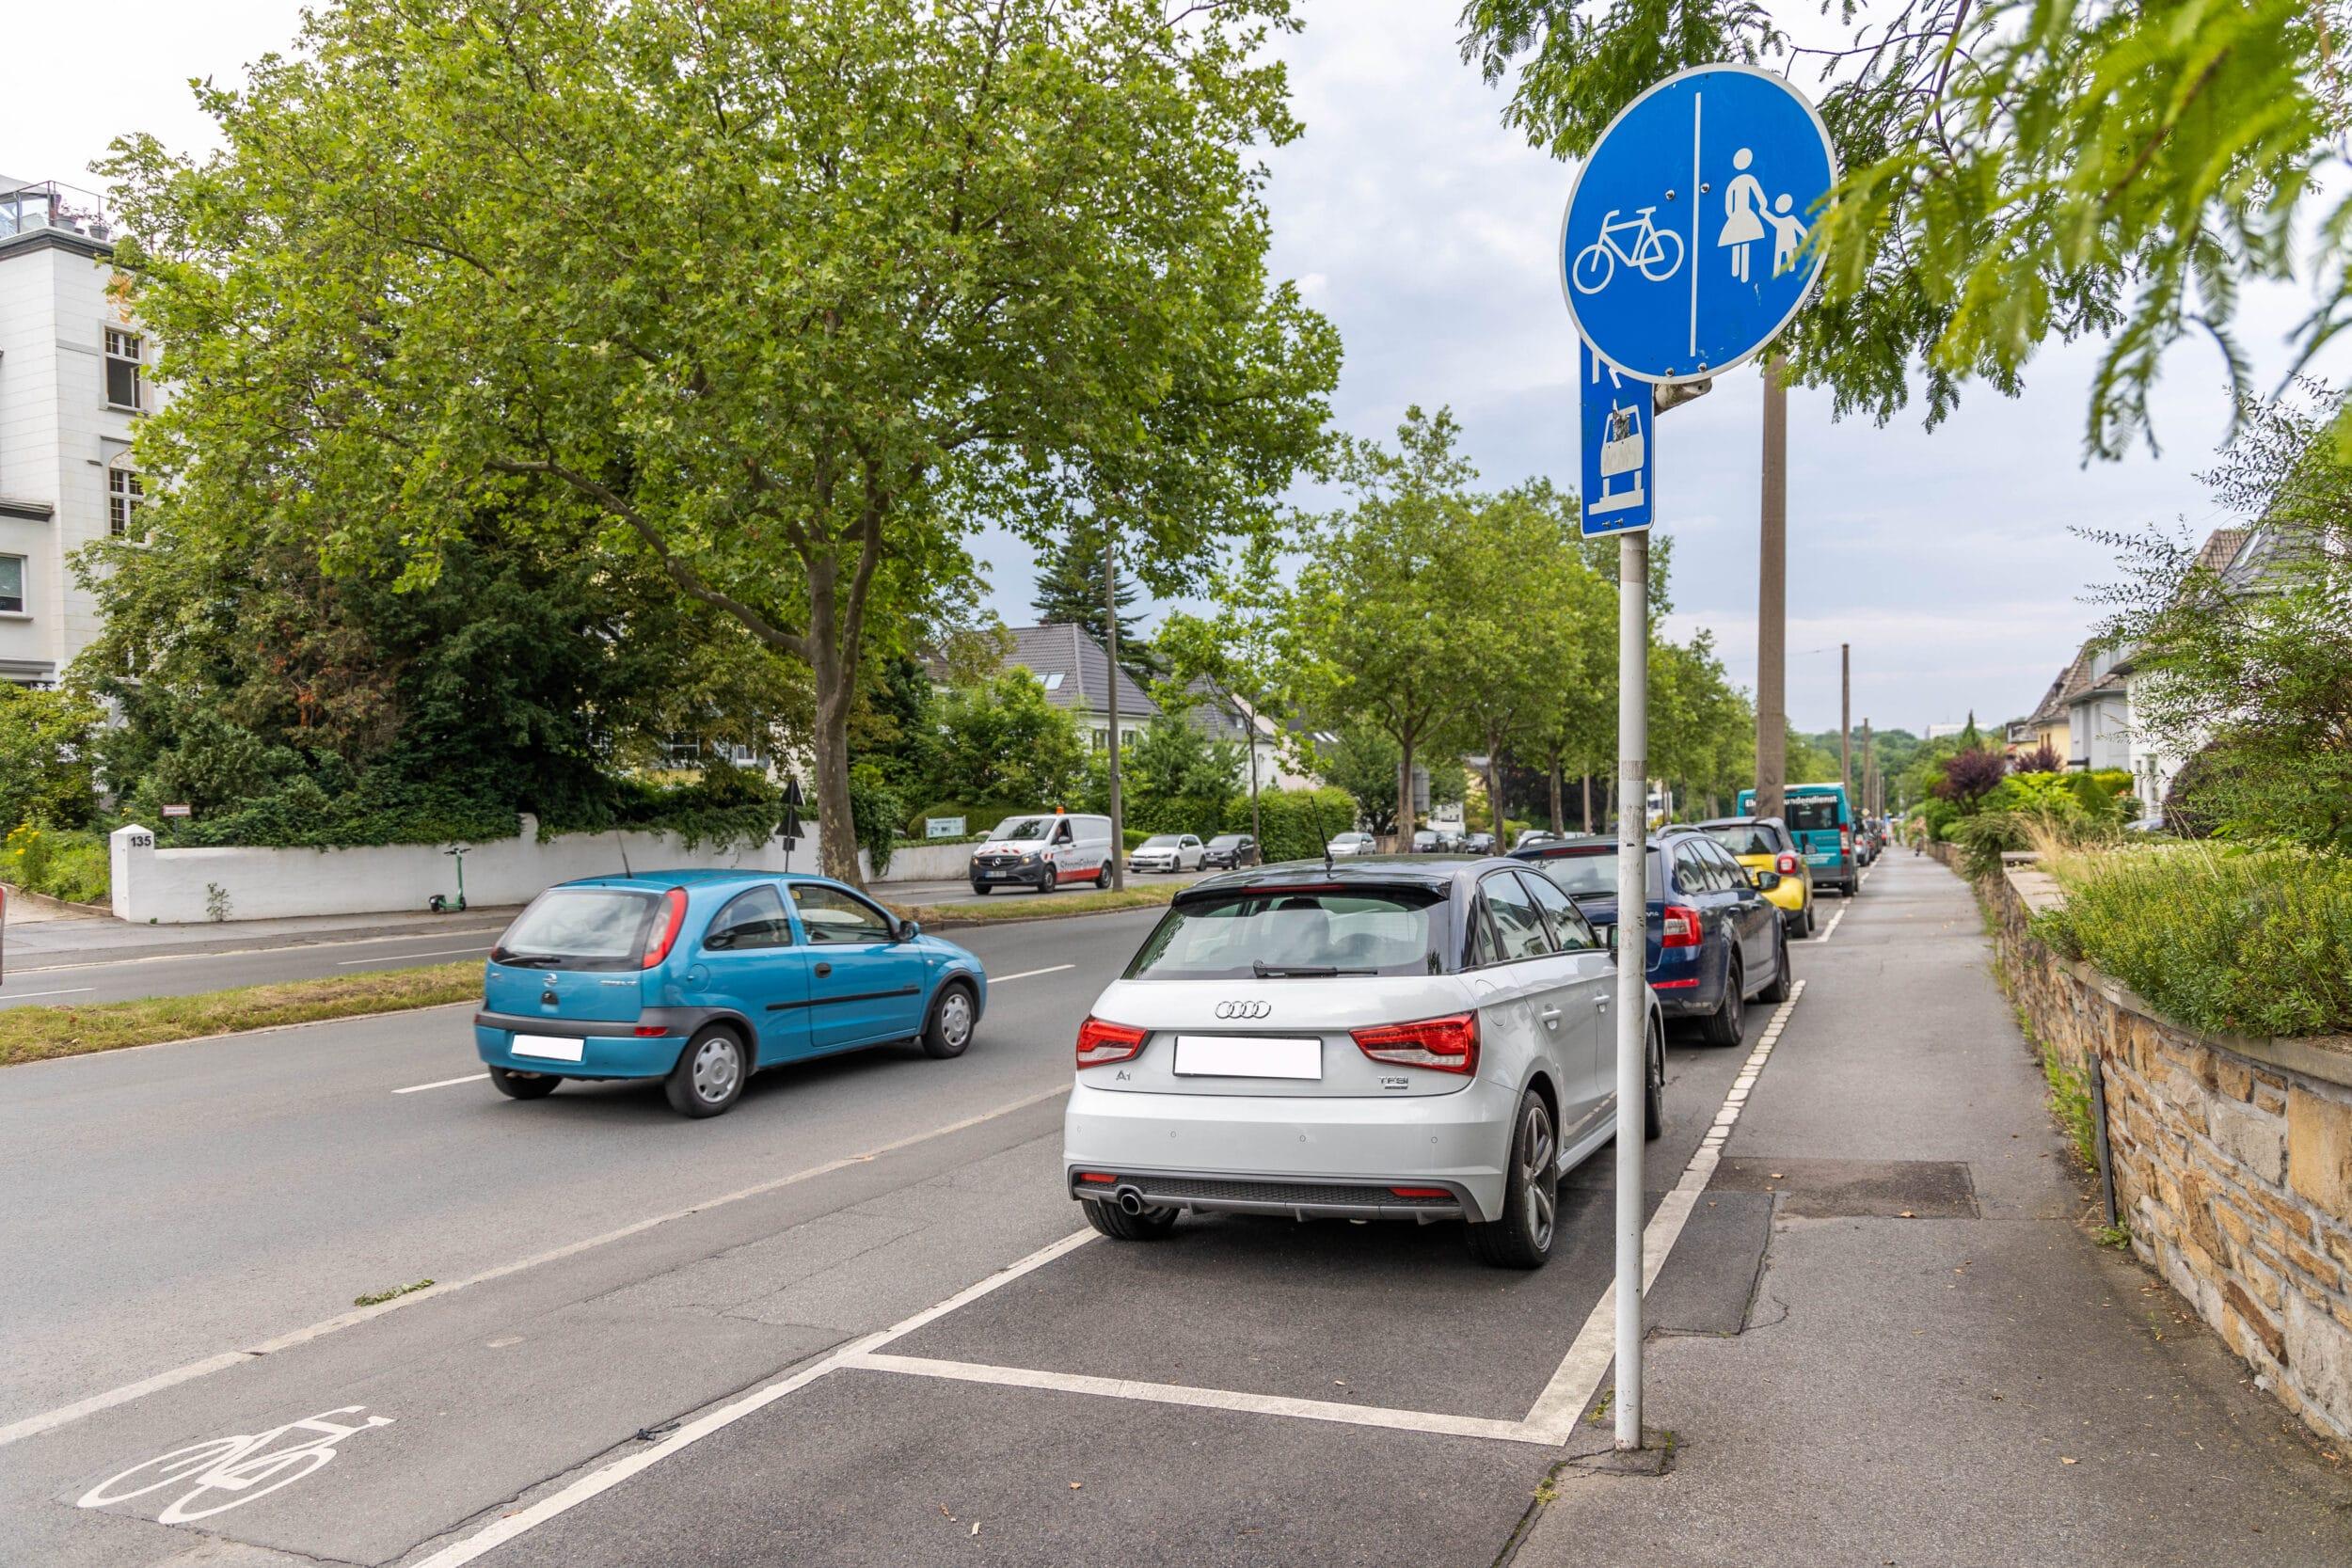 Mit dem Fahrrad zur Schule? – Keine weiteren Maßnahmen für den Radverkehr auf der Ardeystraße